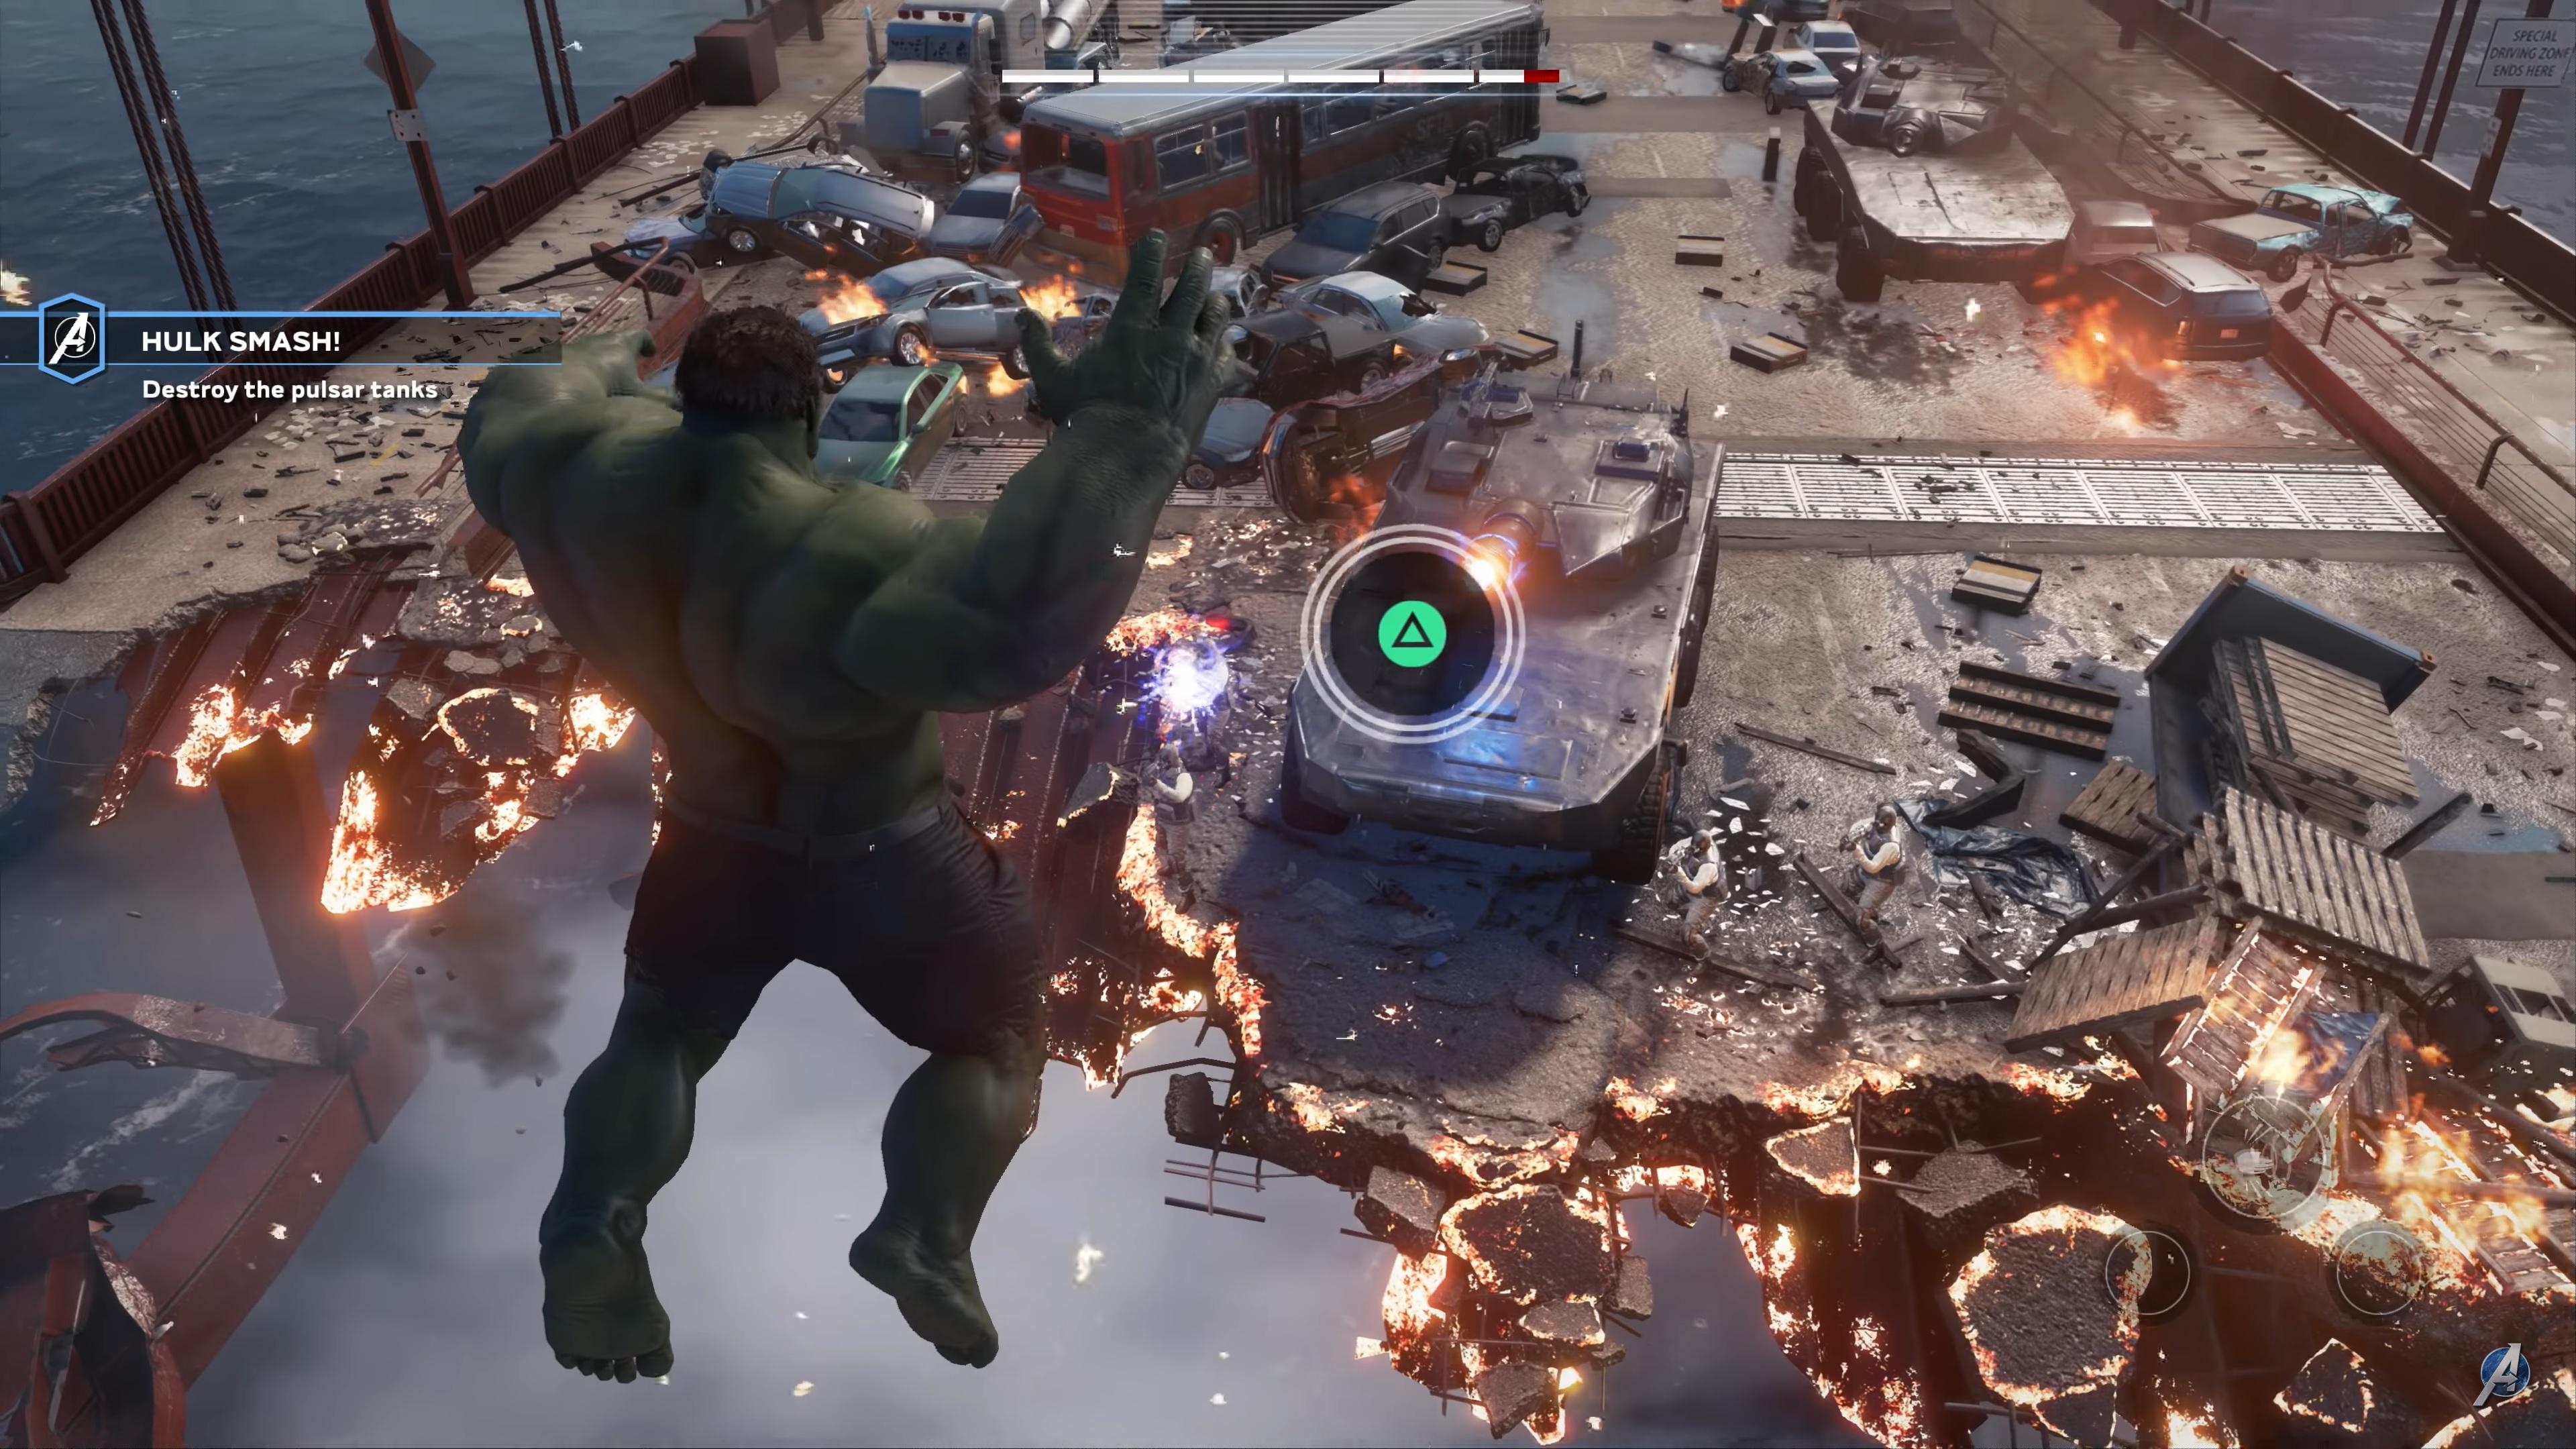 Marvel Avengers Hulk QTE